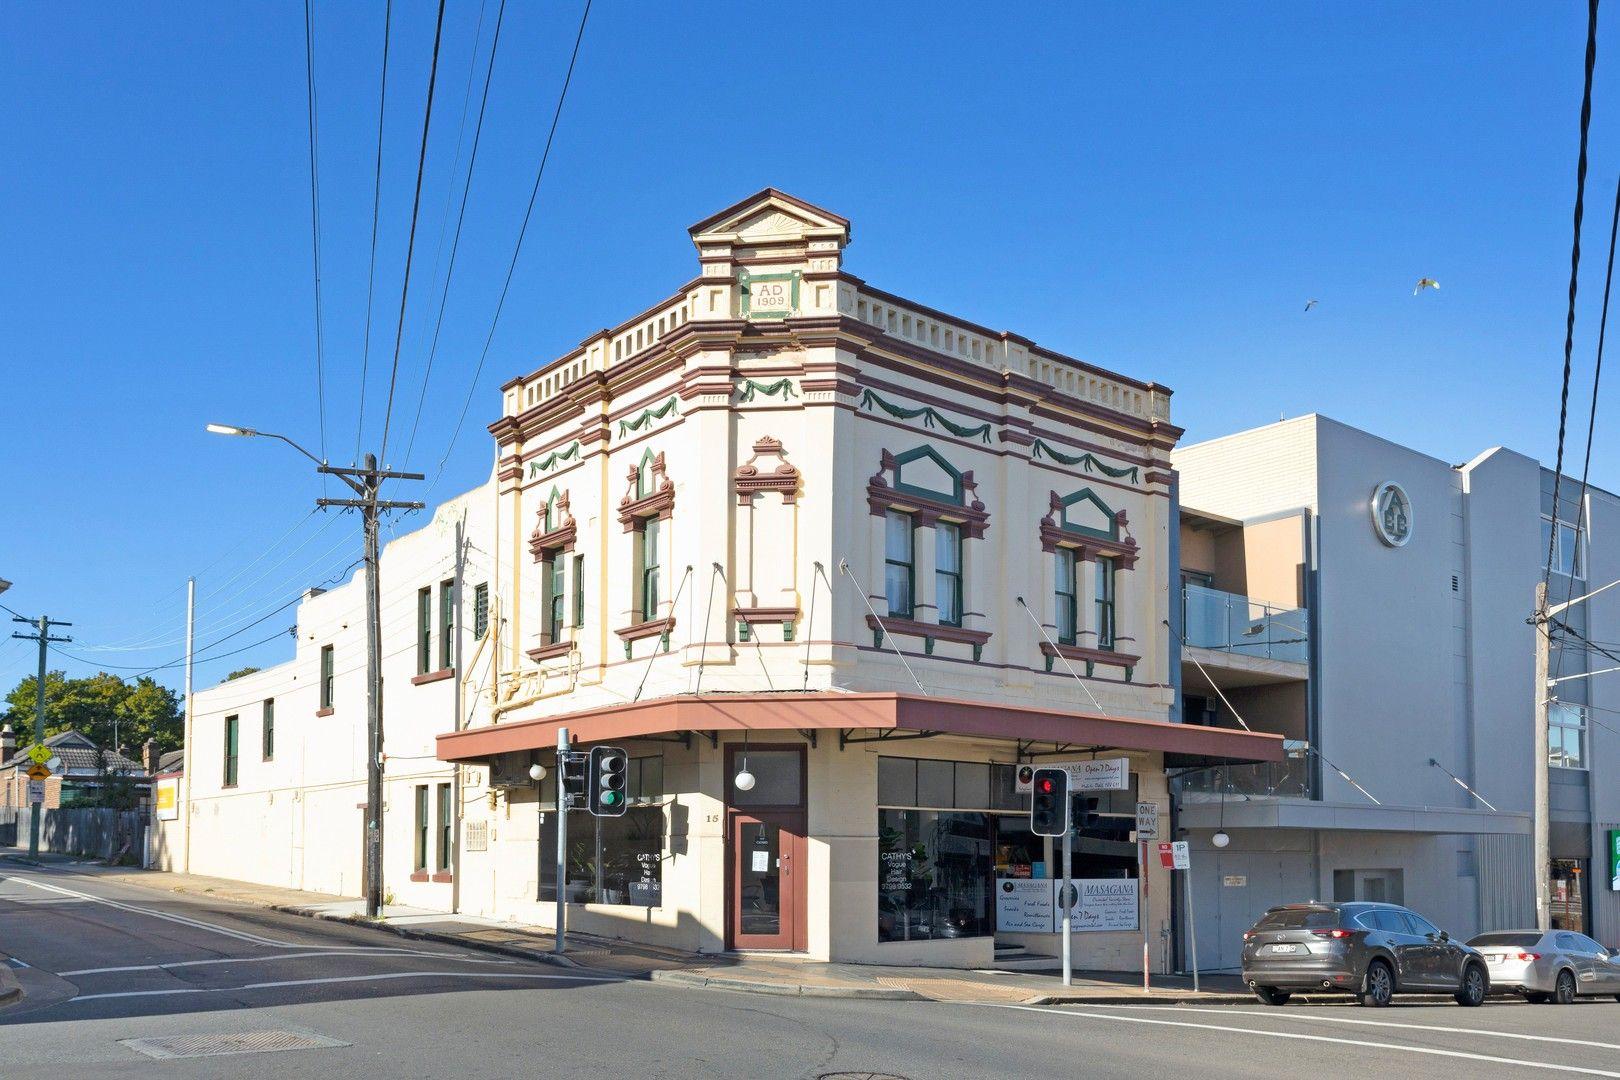 15A/13-15 Charlotte Street, Ashfield NSW 2131, Image 0